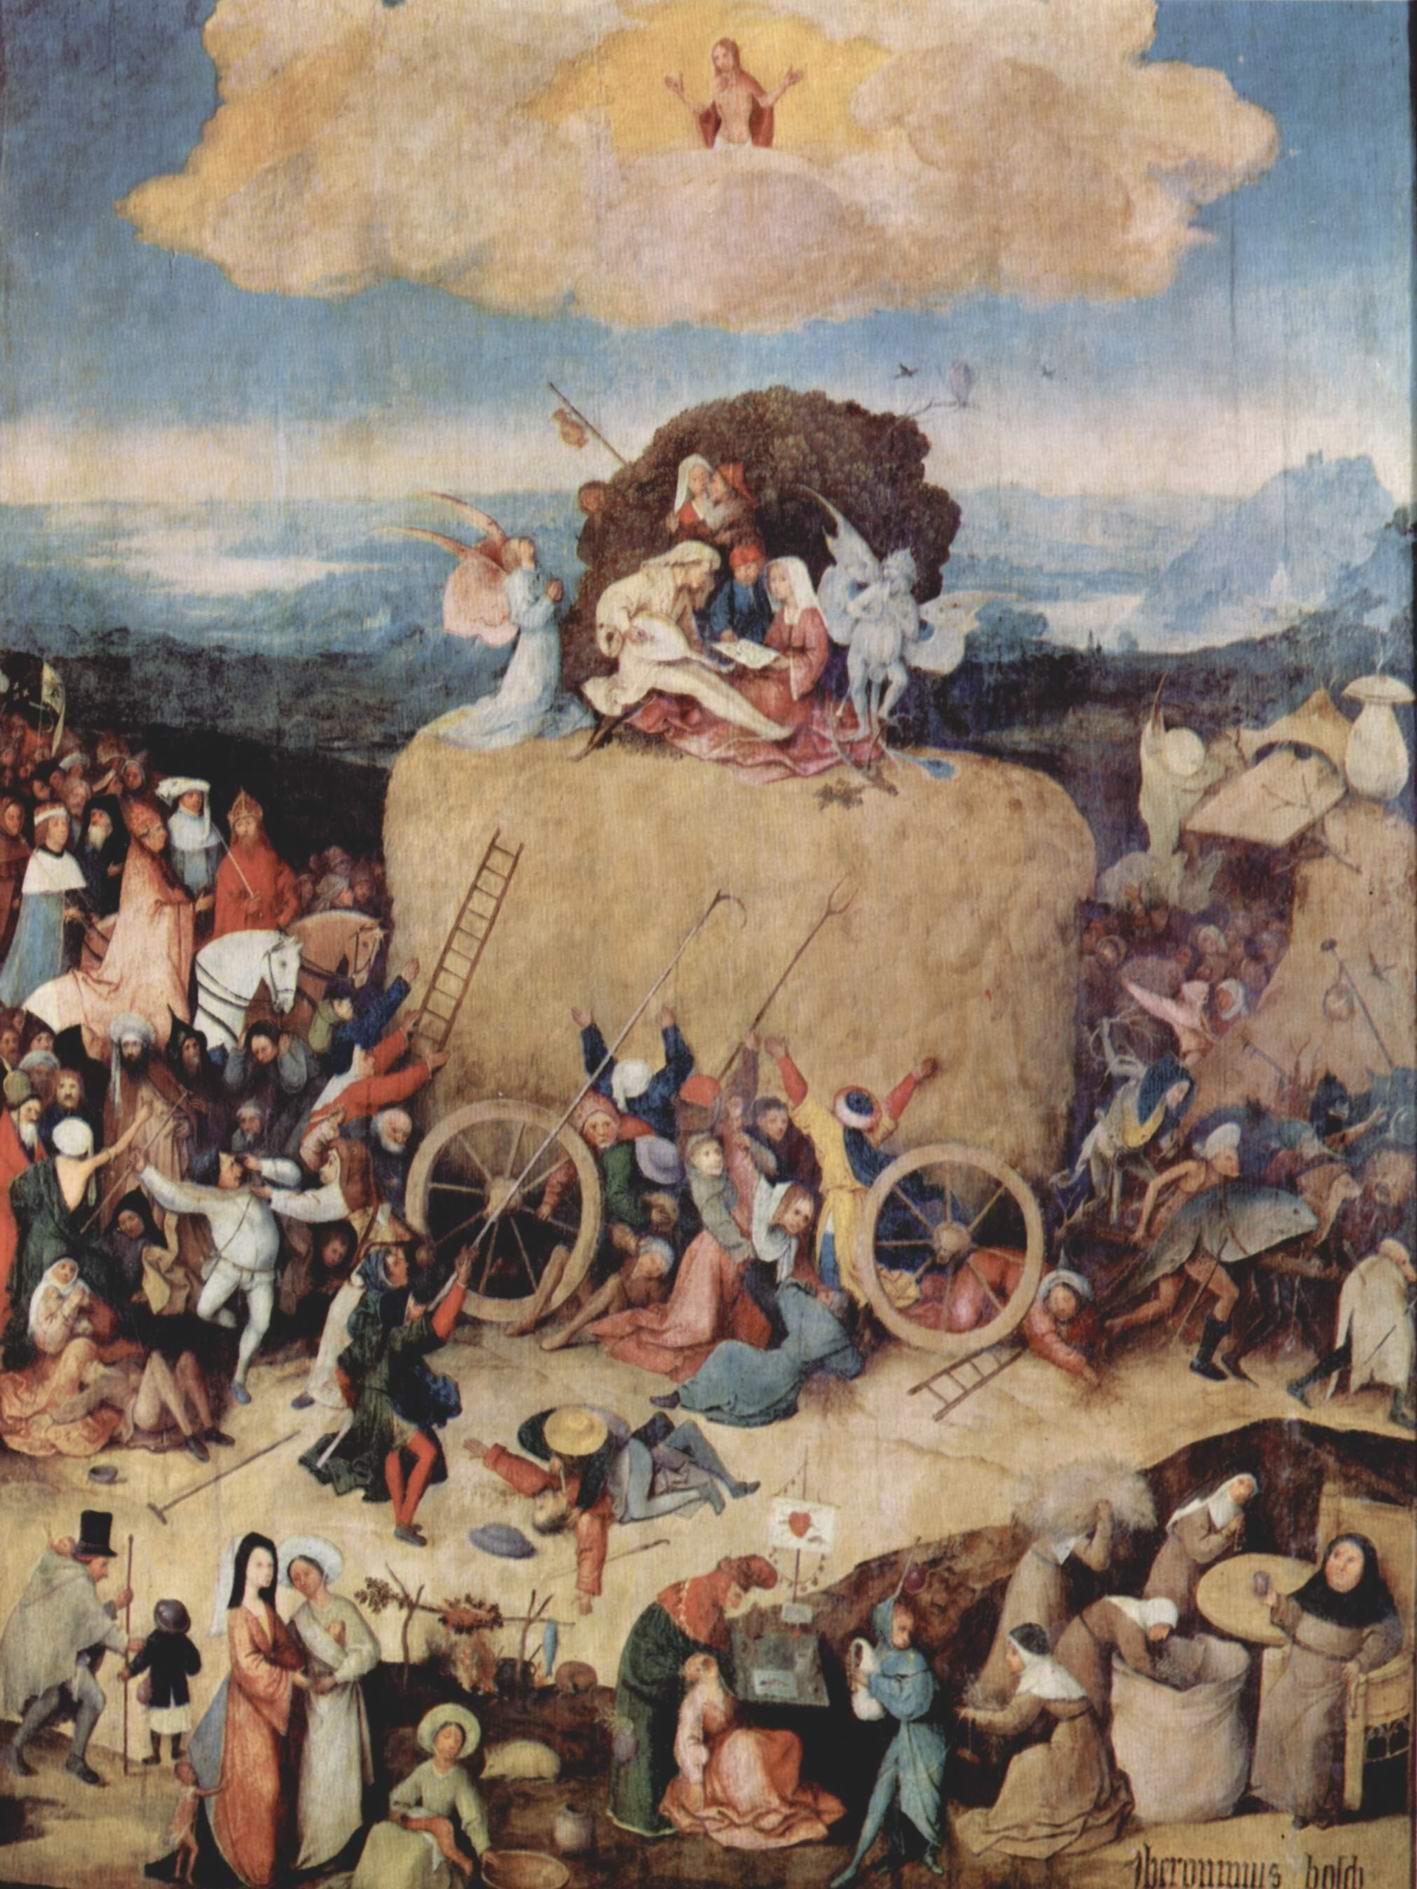 Воз сена, триптих, центральная часть  воз сена, Босх Иероним